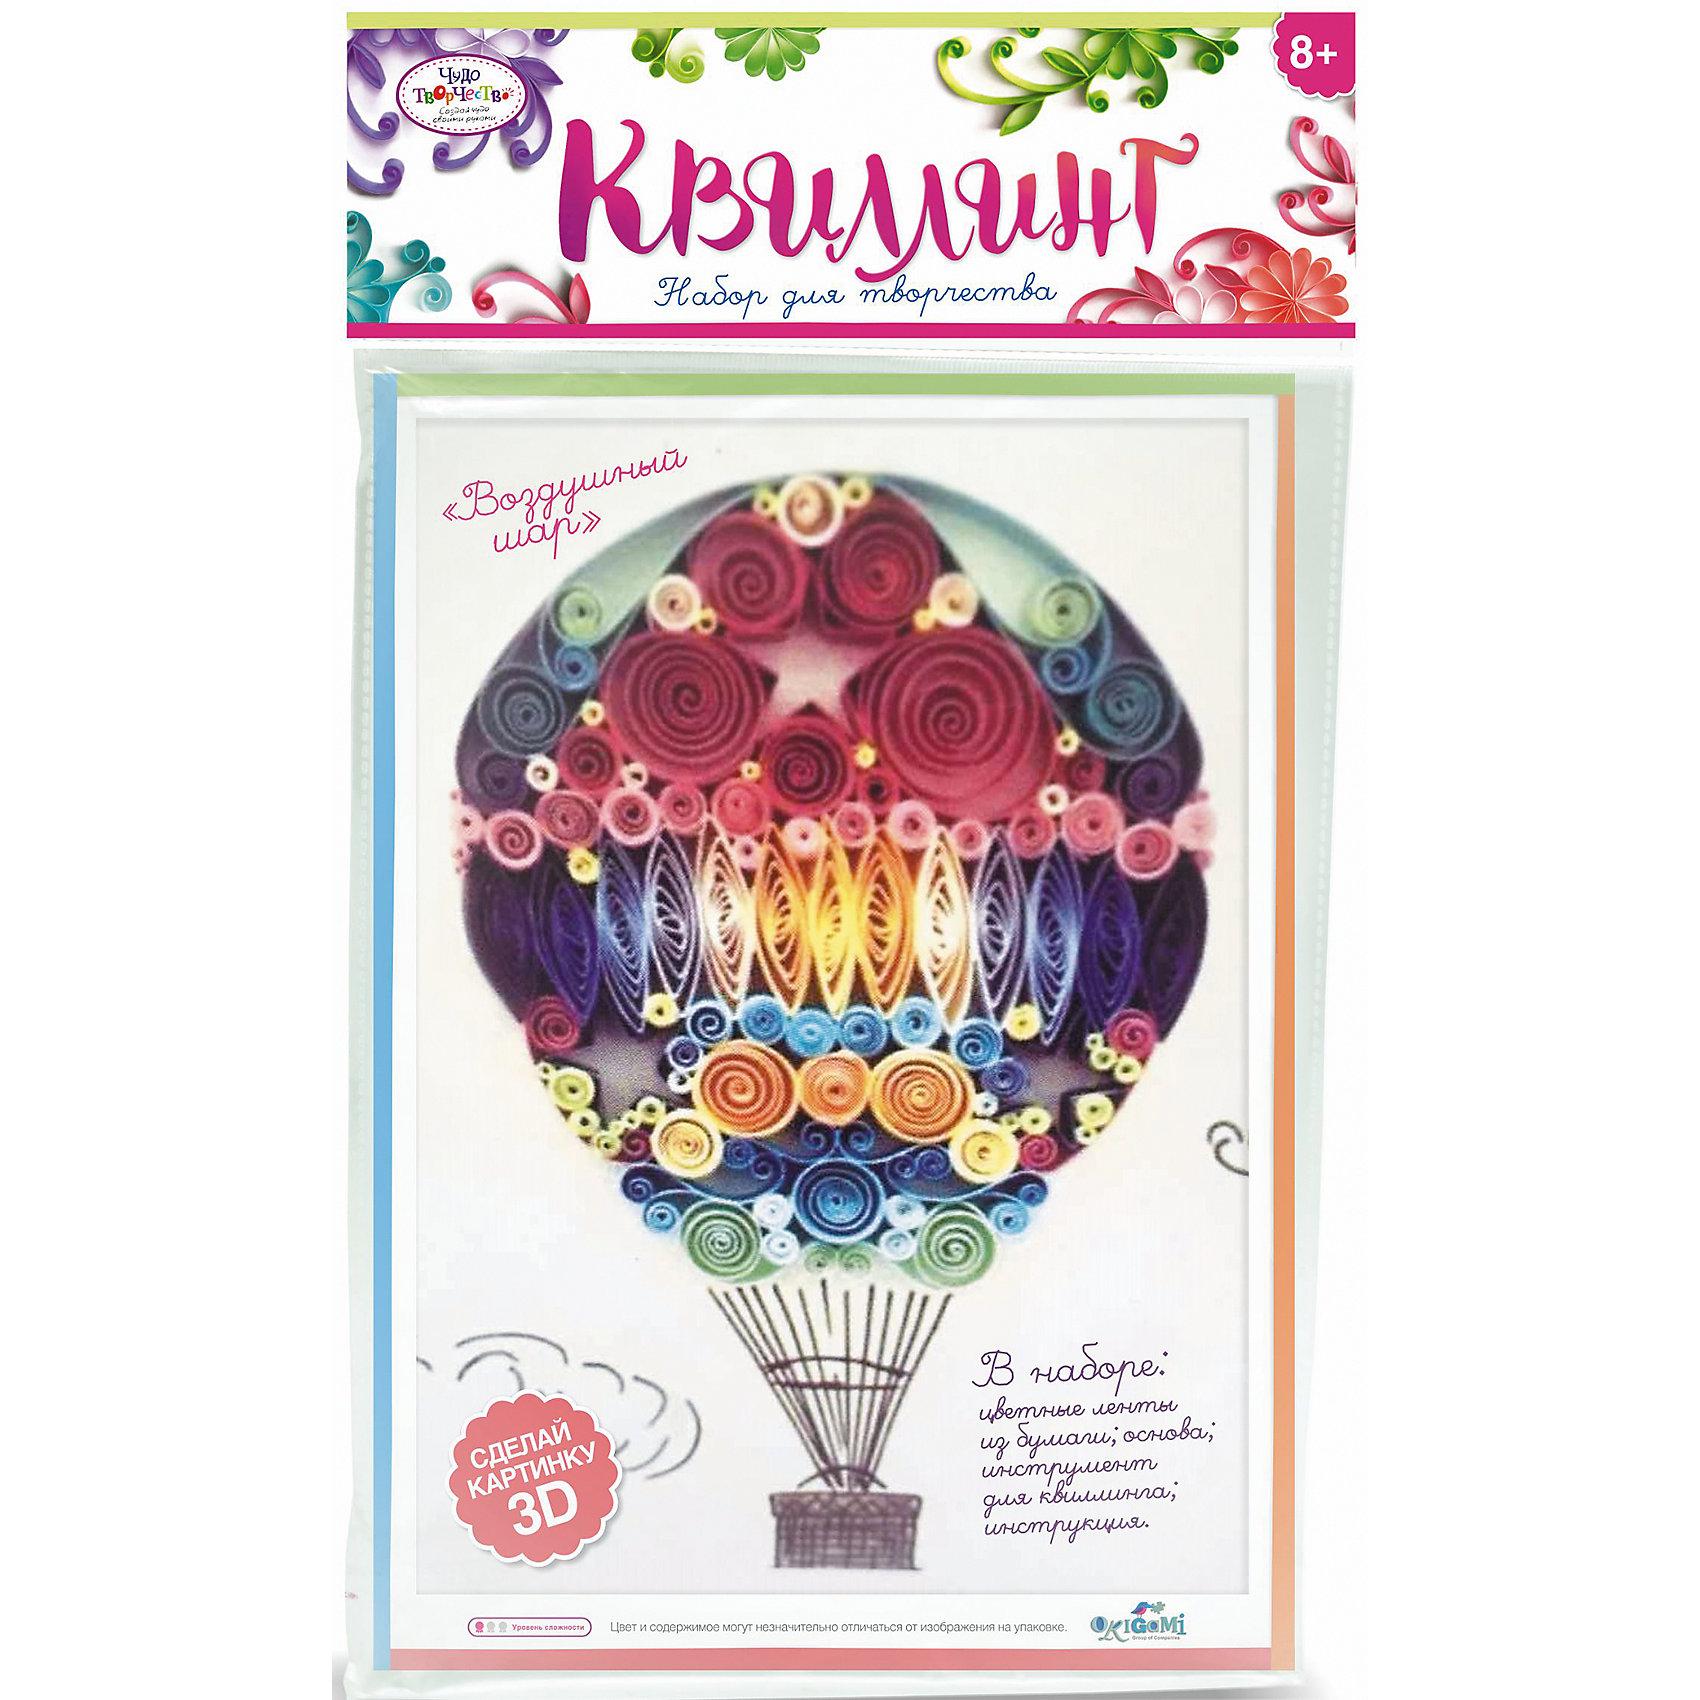 Набор для квиллинга «Воздушный шар»Рукоделие<br>Набор для квиллинга «Воздушный шар» от марки Origami<br><br>Отличный подарок для ребенка - набор для творчества. Он поможет самостоятельно сделать объемную аппликацию из бумаги. Делается это очень просто, а в результате получается красивая картина. <br>В процессе у ребенка развивается воображение, художественный вкус и мелкая моторика. Получившийся результат поможет ему поверить в свои силы! Набор сделан из безопасных для ребенка материалов.<br><br>Особенности изделия:<br><br>состав - бумага, картон, дерево;<br>цвет - разноцветный;<br>упаковка - конверт с хедером;<br>размер упаковки - 0.5 x 36 x 21.5 см.<br><br>Комплектация: <br><br>основа-шаблон;<br>разноцветные бумажные ленты для квиллинга);<br>палочка для накручивания.<br><br>Набор для квиллинга «Воздушный шар» от марки Origami можно купить в нашем магазине.<br><br>Ширина мм: 215<br>Глубина мм: 360<br>Высота мм: 5<br>Вес г: 23<br>Возраст от месяцев: 96<br>Возраст до месяцев: 192<br>Пол: Женский<br>Возраст: Детский<br>SKU: 4658557